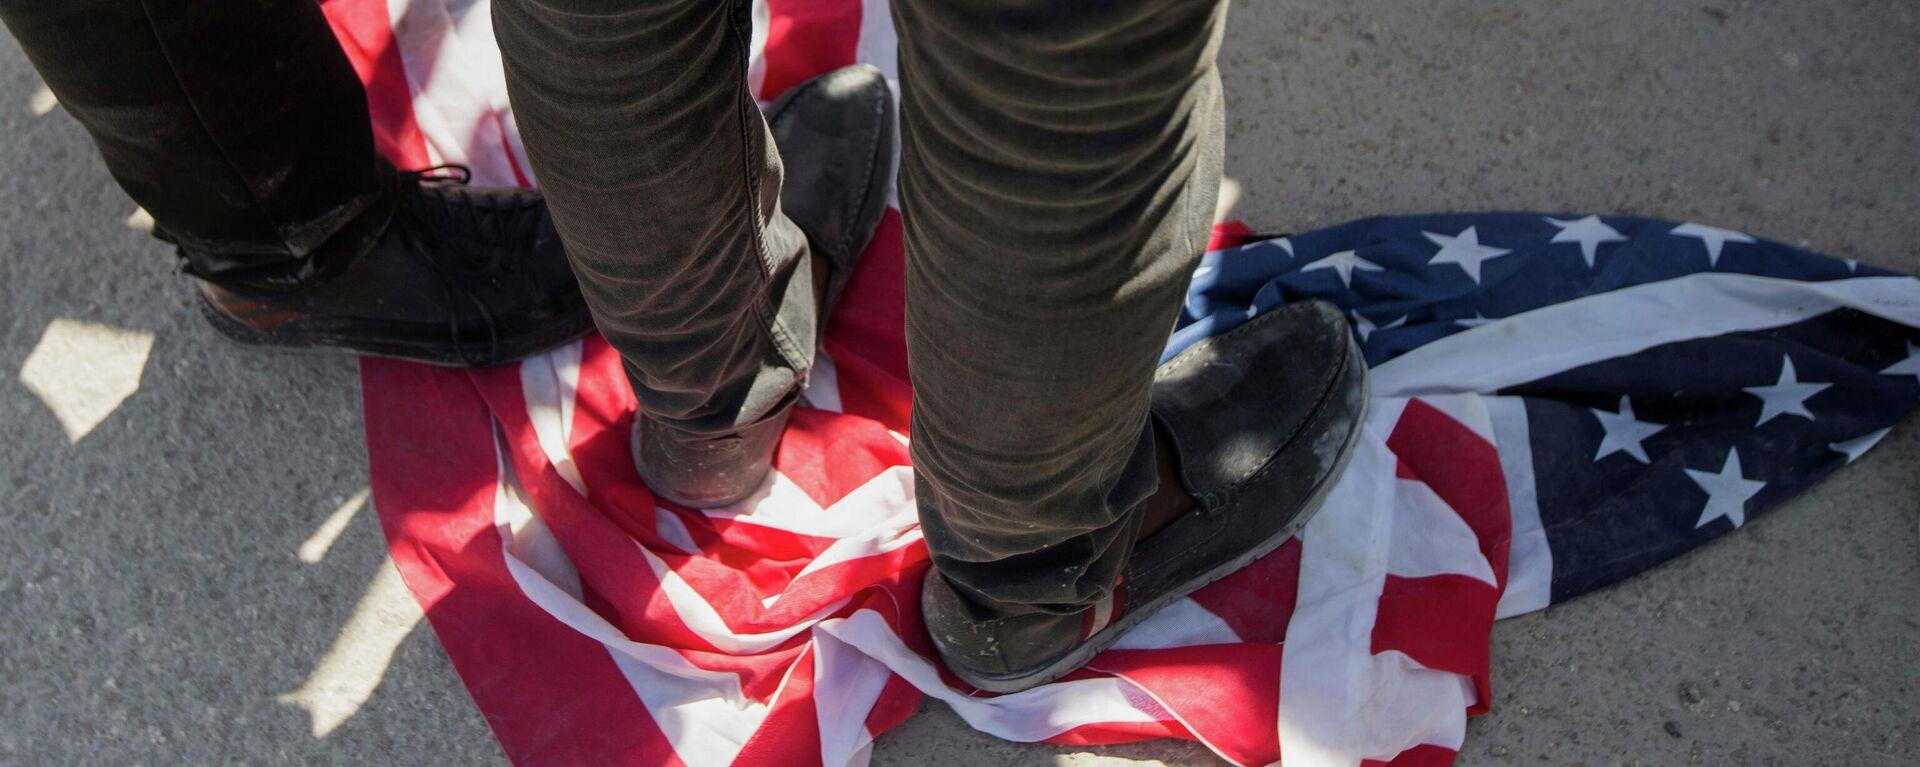 Protestas contra la deportación de haitianos de EEUU - Sputnik Mundo, 1920, 28.09.2021